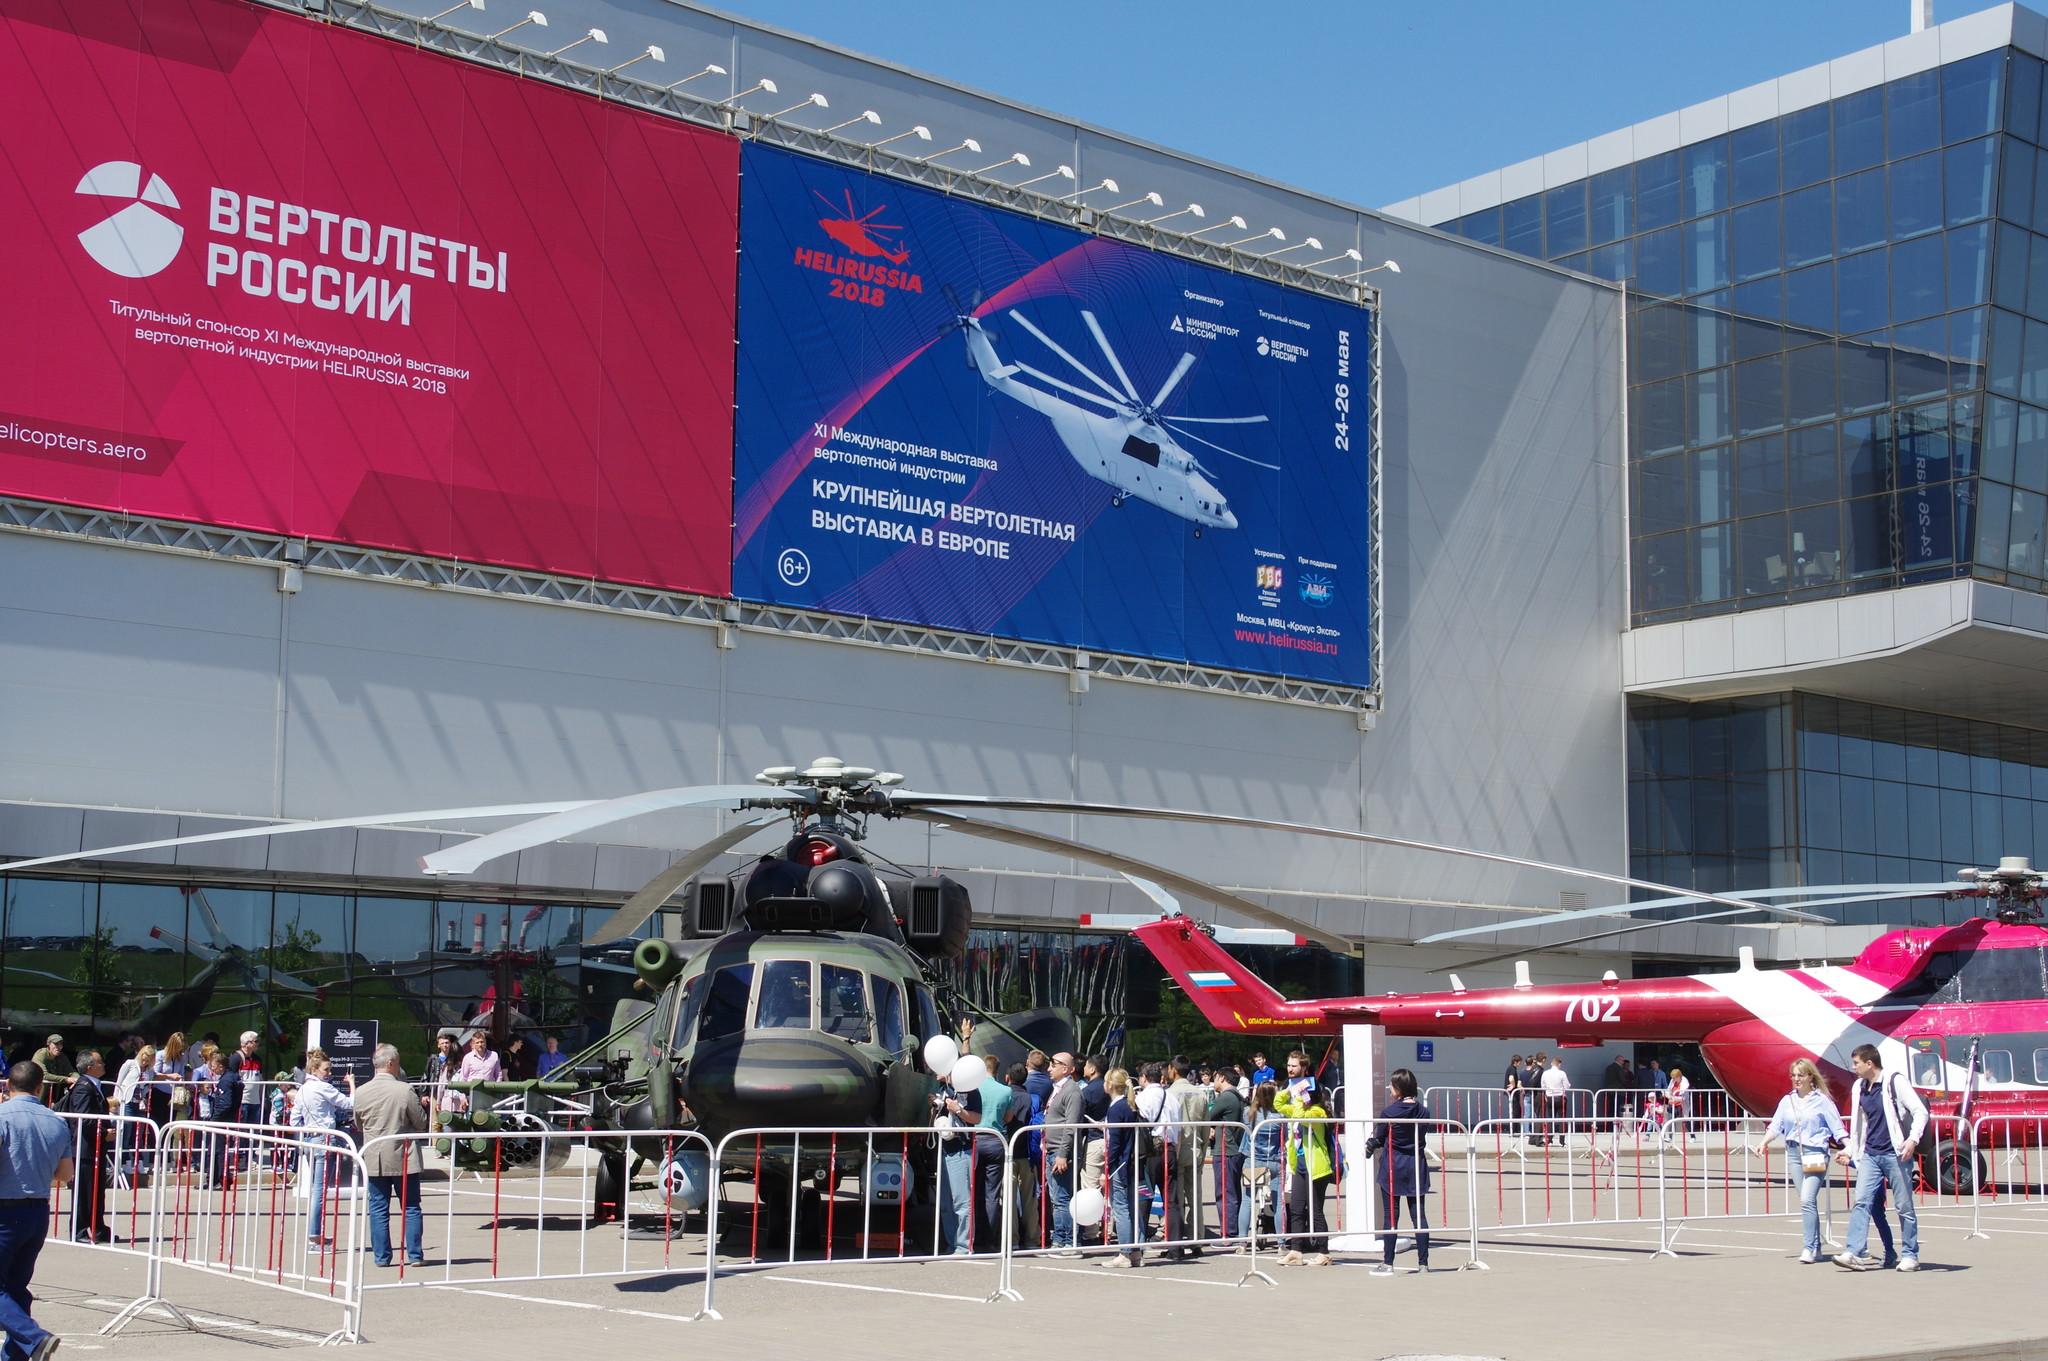 XI Международная выставка вертолётной индустрии HeliRussia 2018